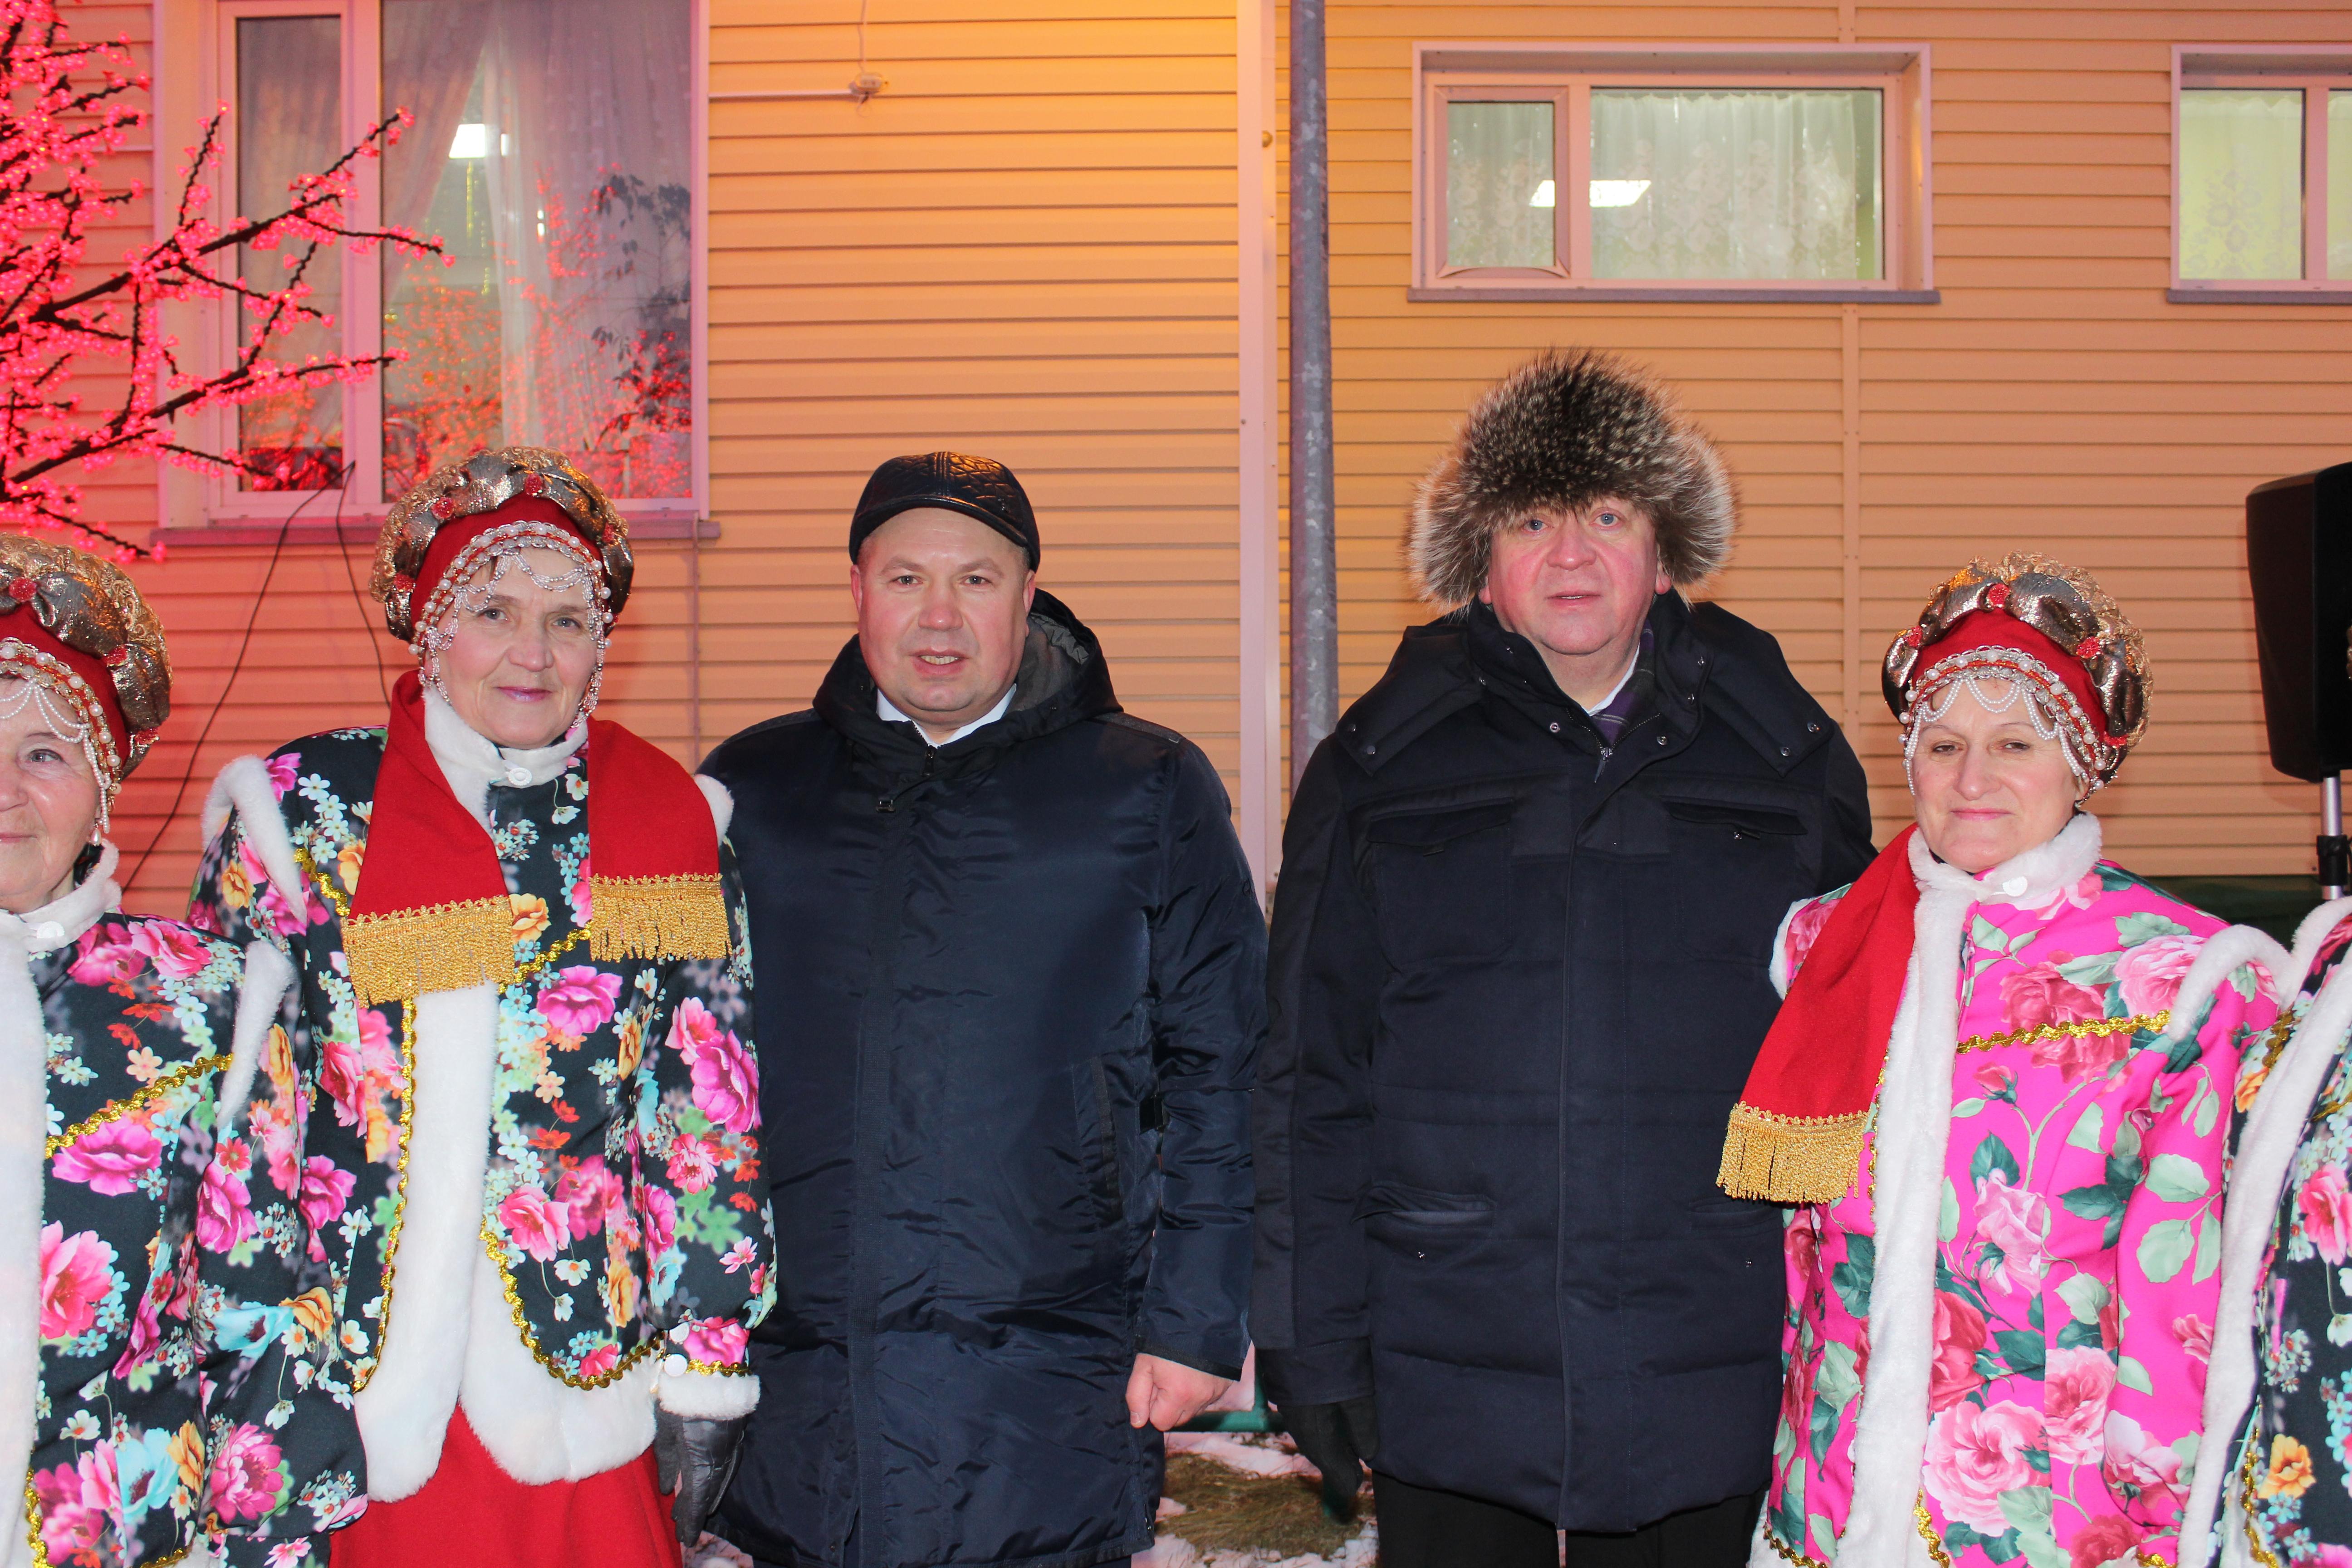 Сенатор Денис Гусев (слева) и спикер Собрания депутатов НАО Александр Лутовинов с тельвисочными певуньями